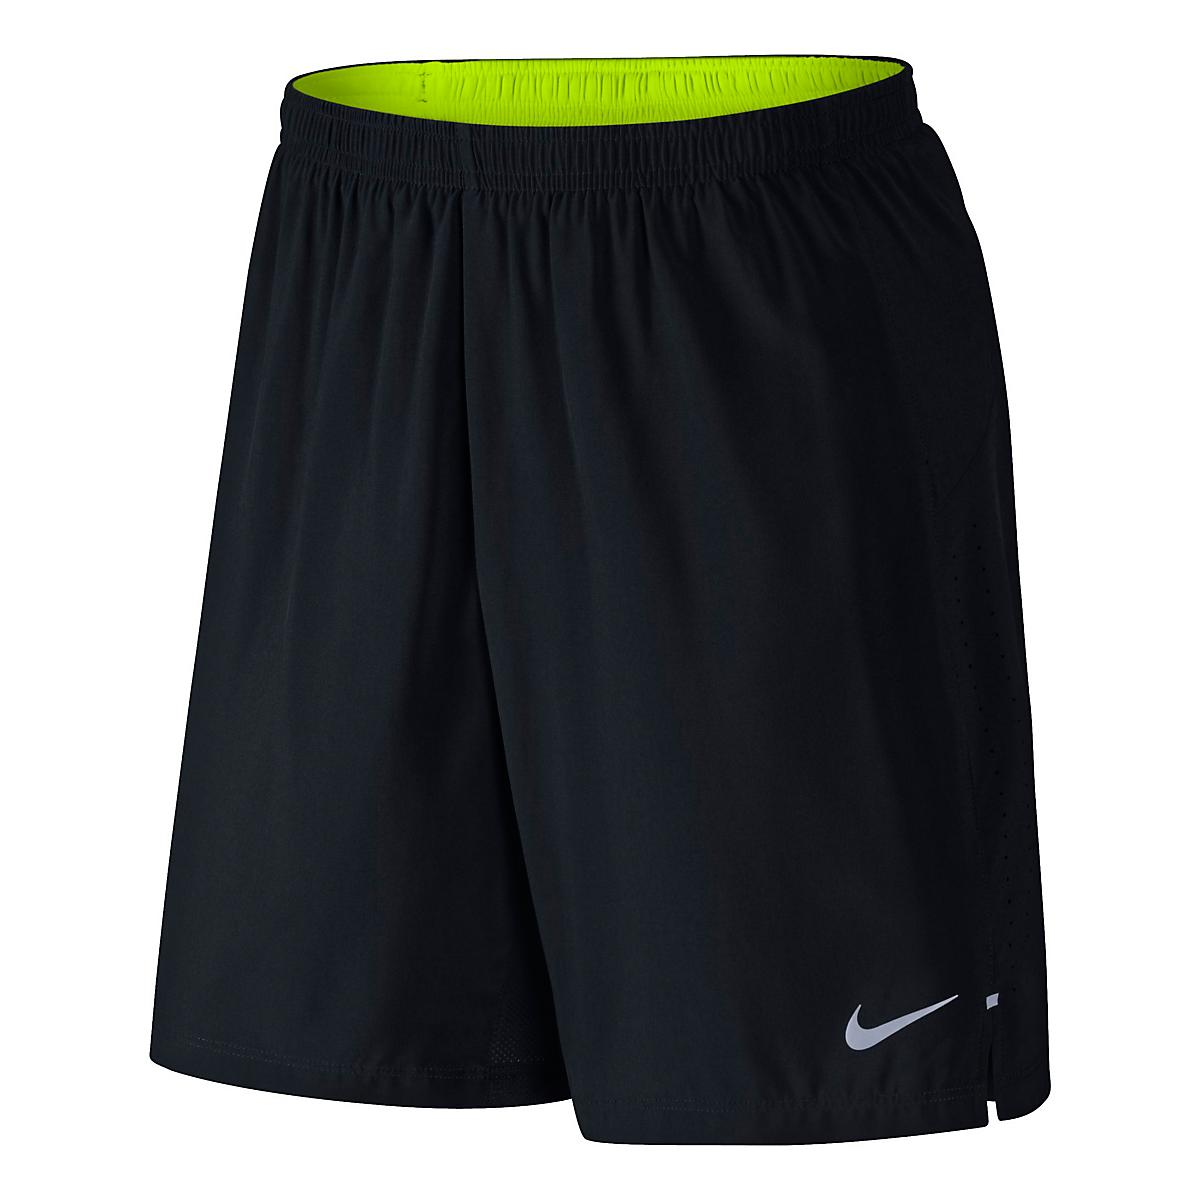 bd2256fc92ae2 Mens Nike 7